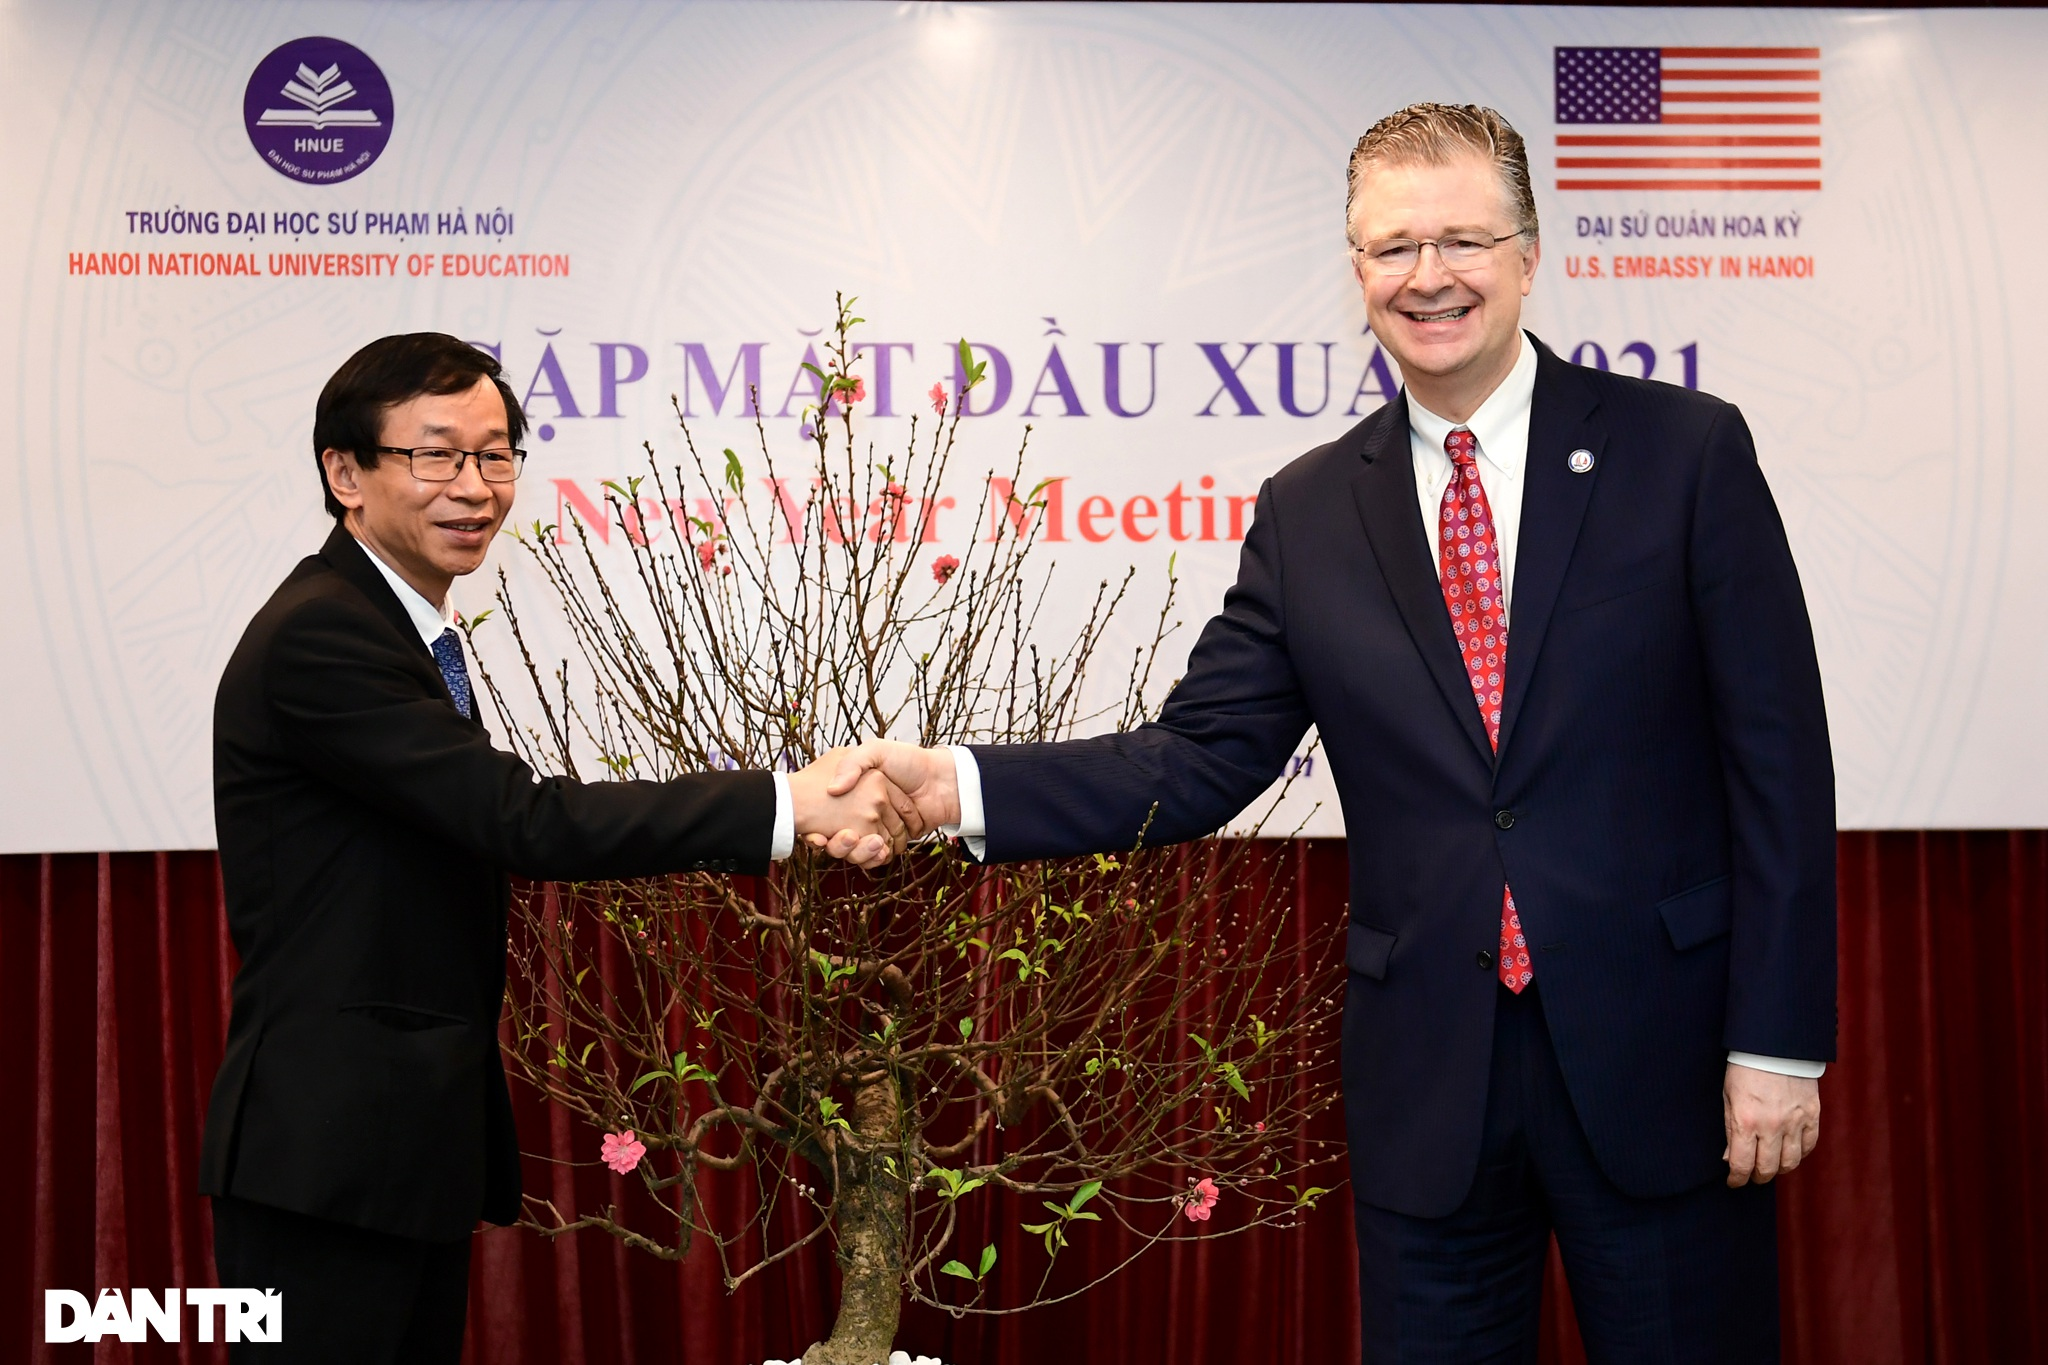 Đại sứ Hoa Kỳ tại Việt Nam tặng cây đào tự tay ghép cho trường ĐHSP Hà Nội - 4